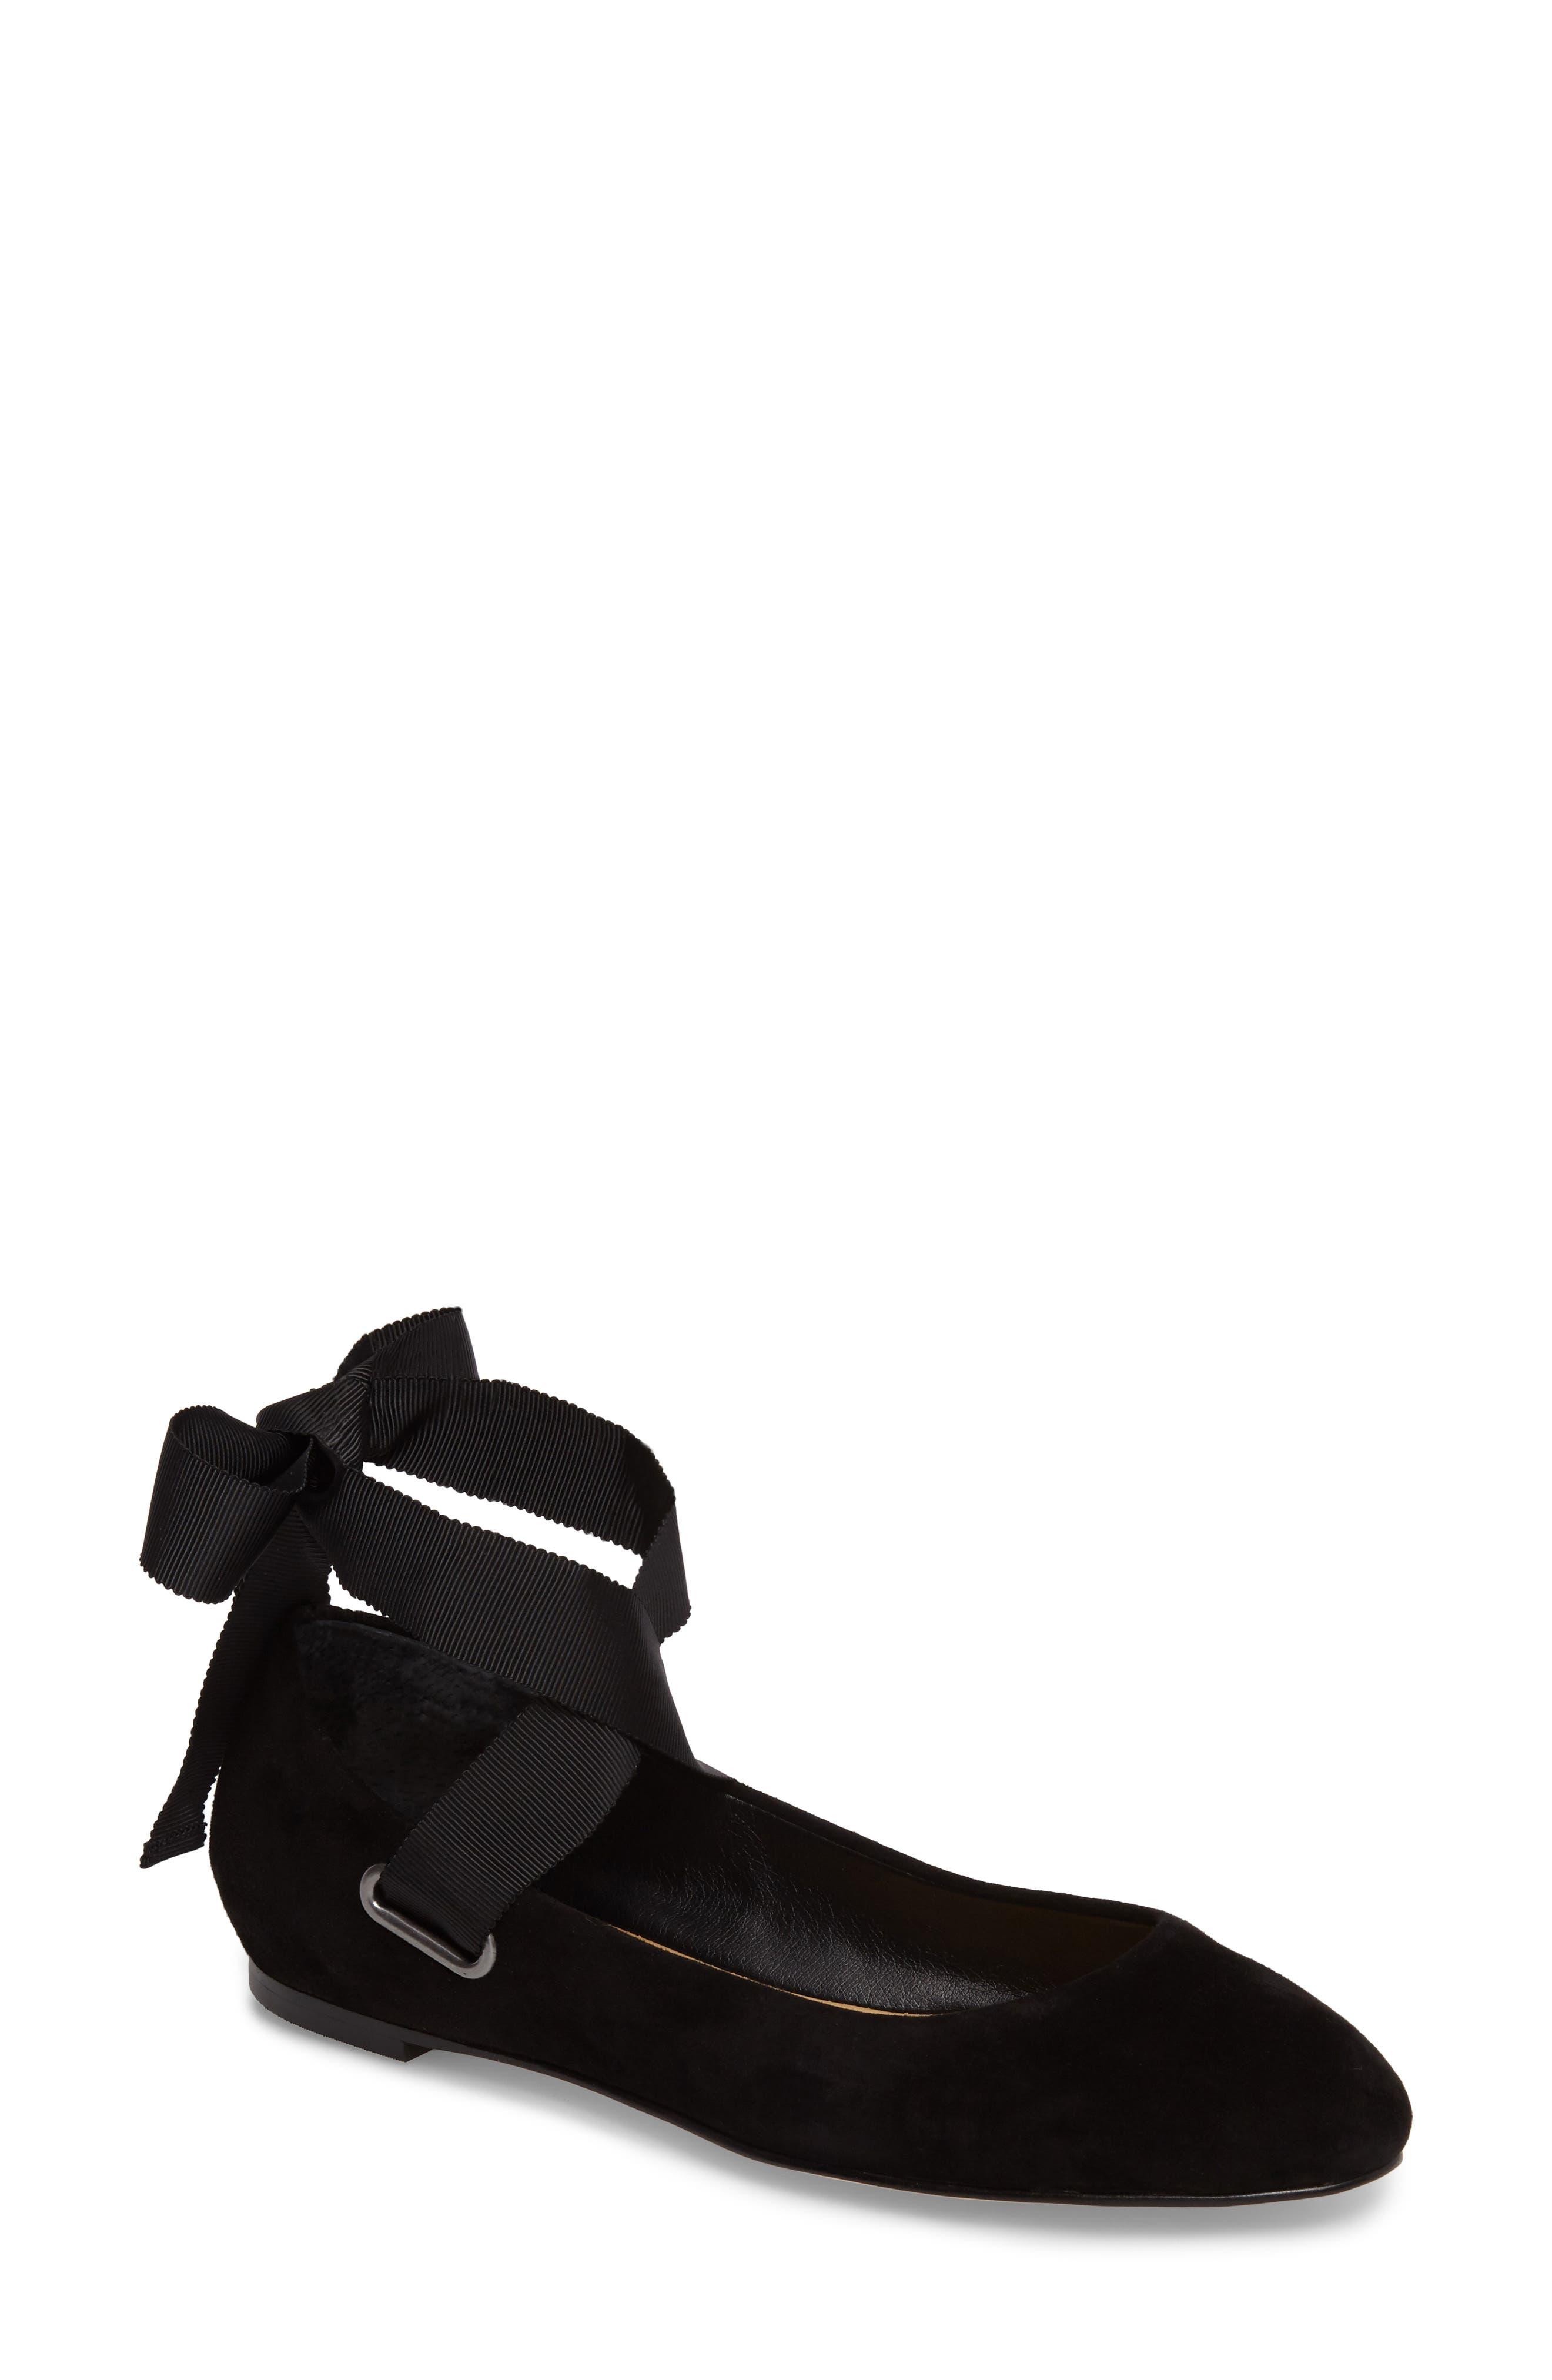 Splendid Renee Ankle Tie Flat (Women)